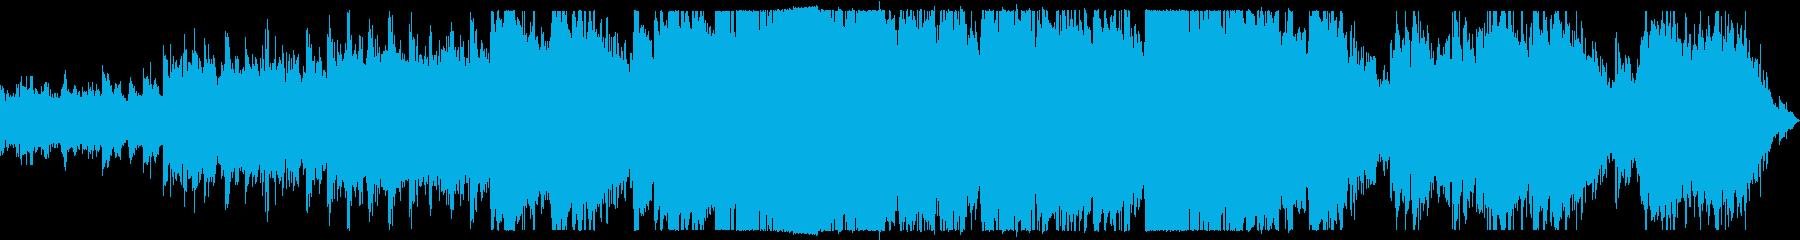 幸福なノスタルジックの再生済みの波形